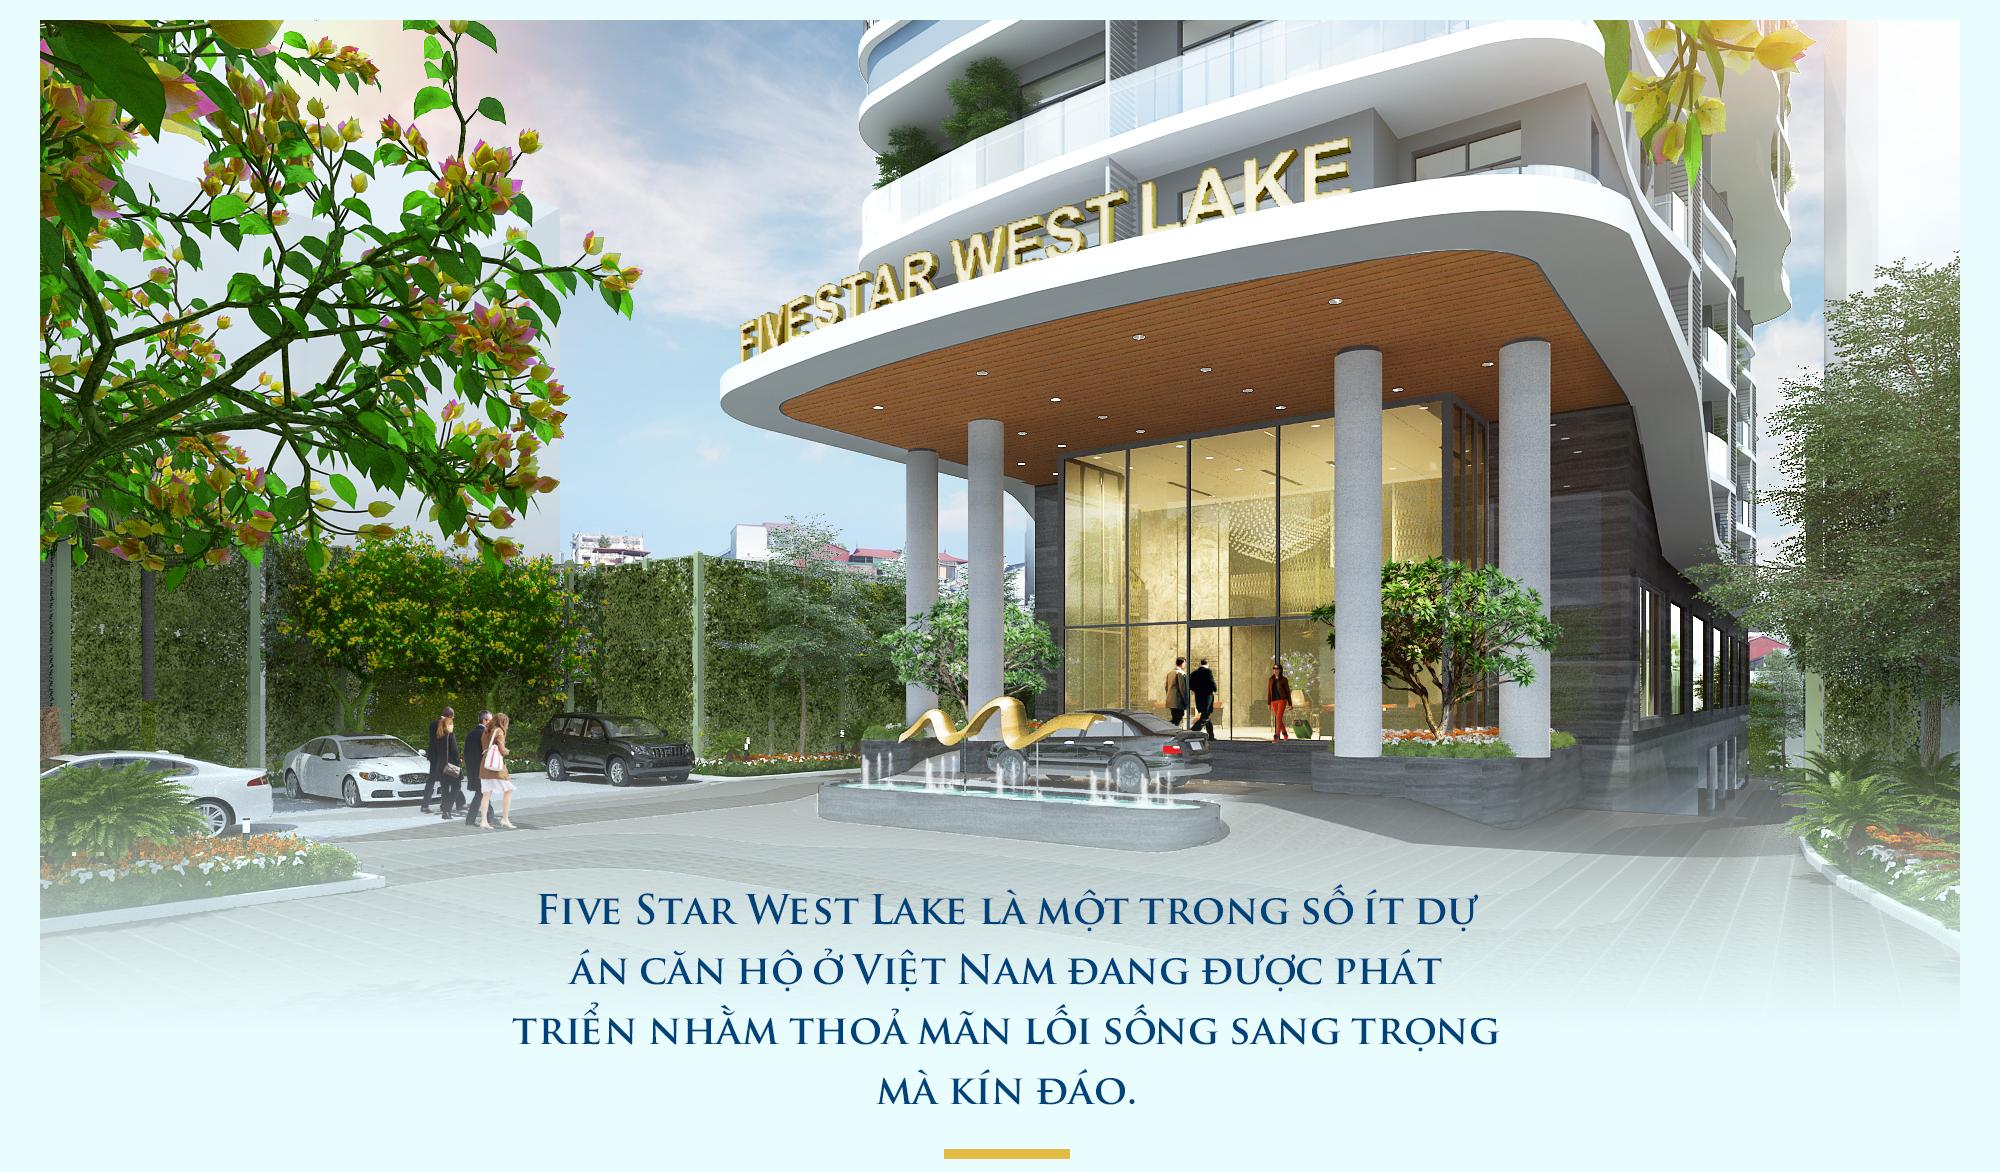 Five Star West Lake: Chuẩn mực mới của phong cách sống sang trọng - Ảnh 3.